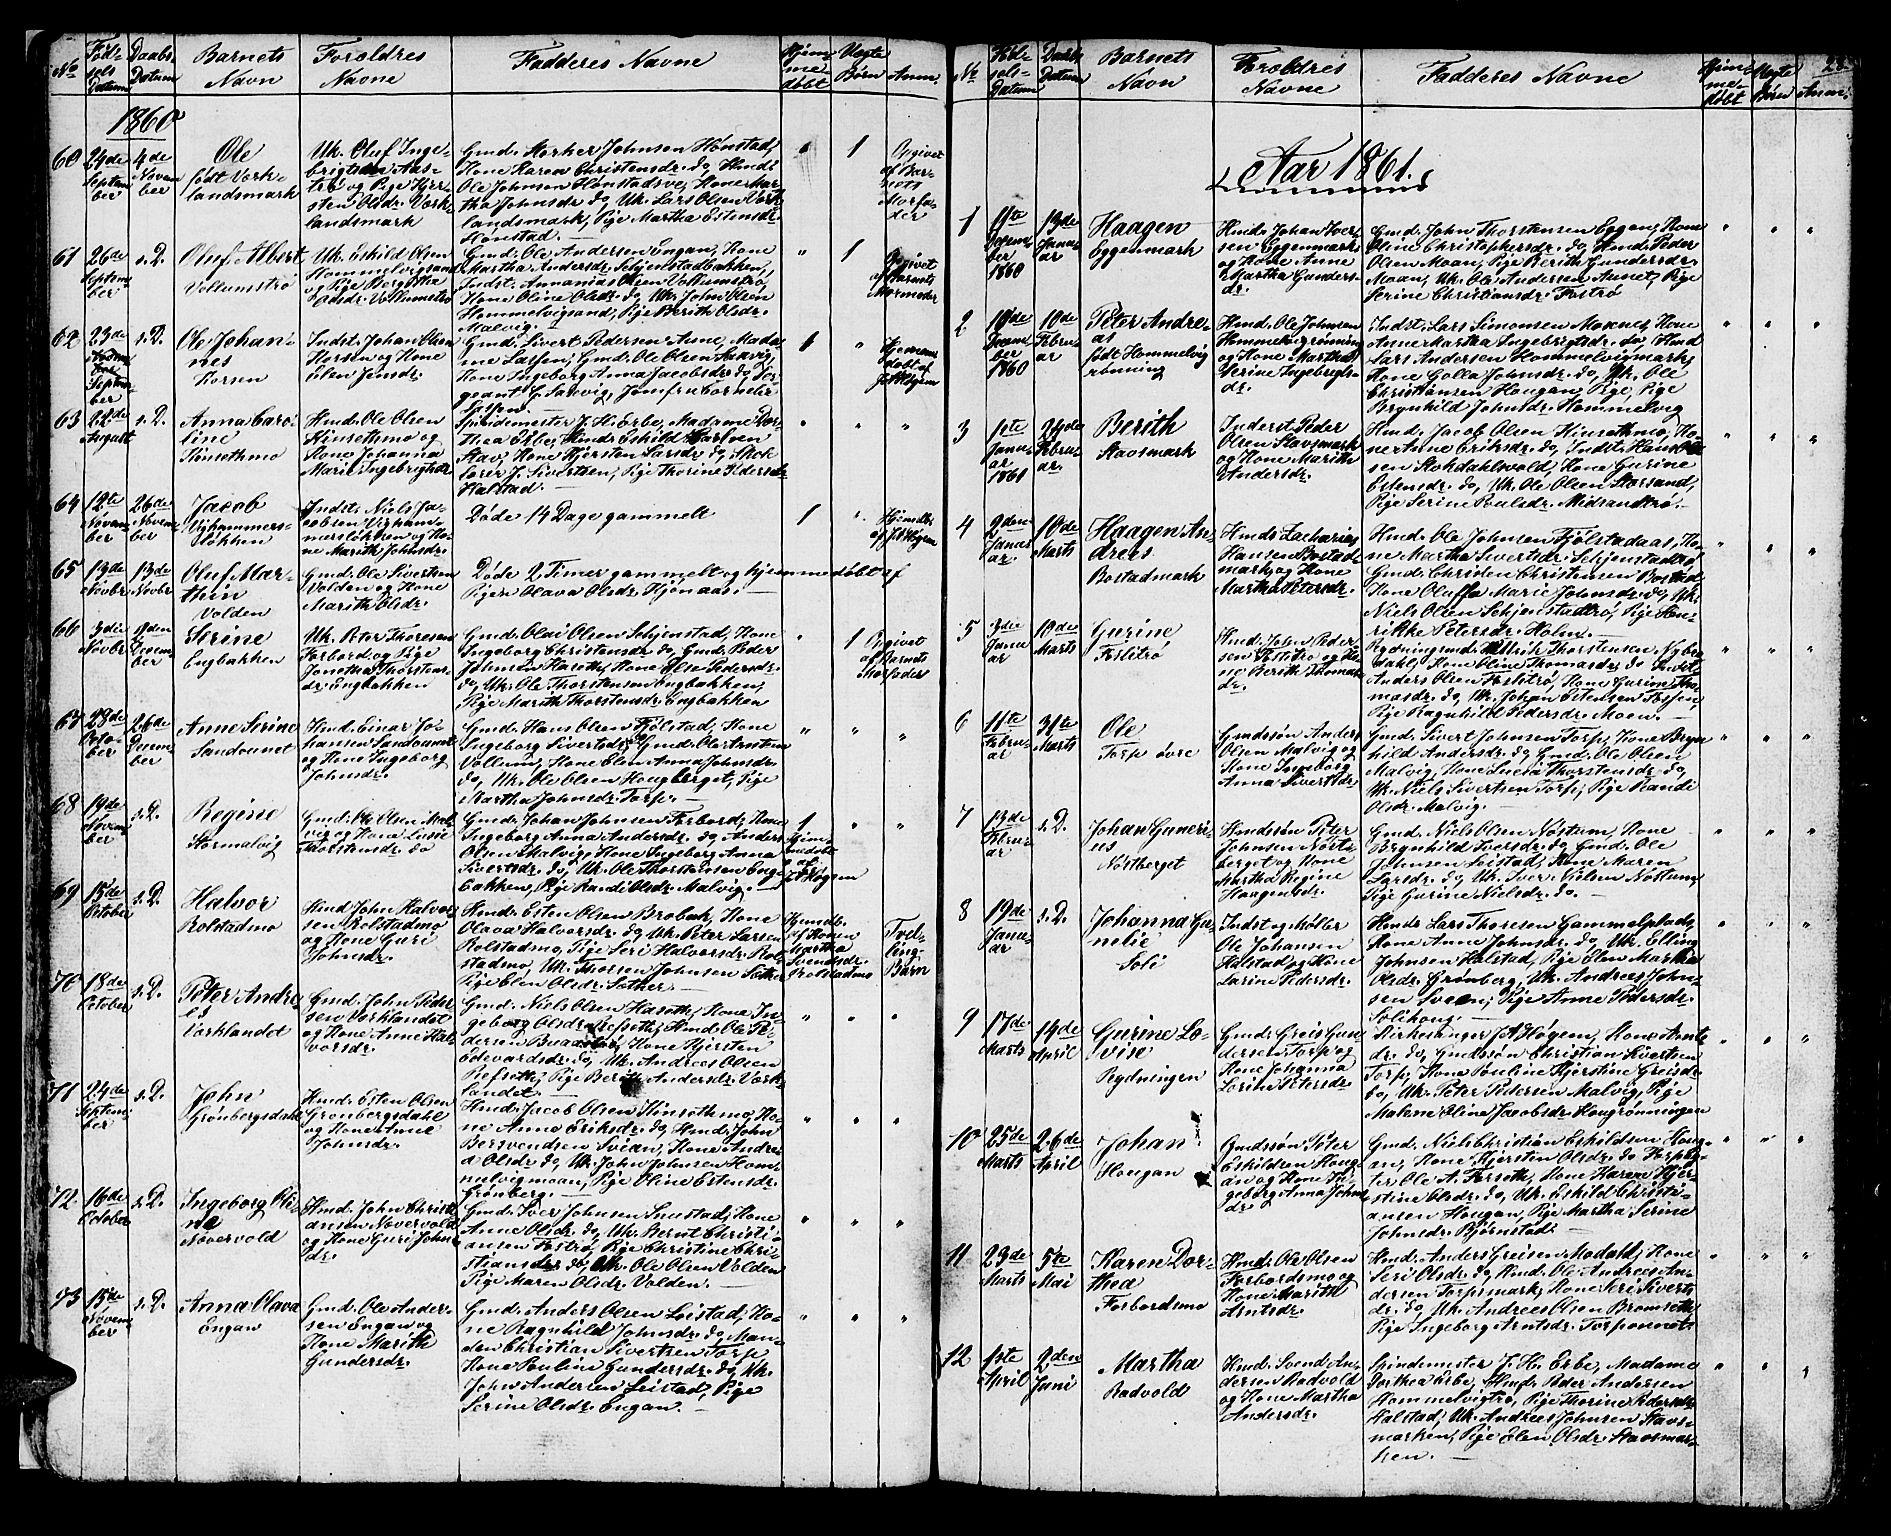 SAT, Ministerialprotokoller, klokkerbøker og fødselsregistre - Sør-Trøndelag, 616/L0422: Klokkerbok nr. 616C05, 1850-1888, s. 28